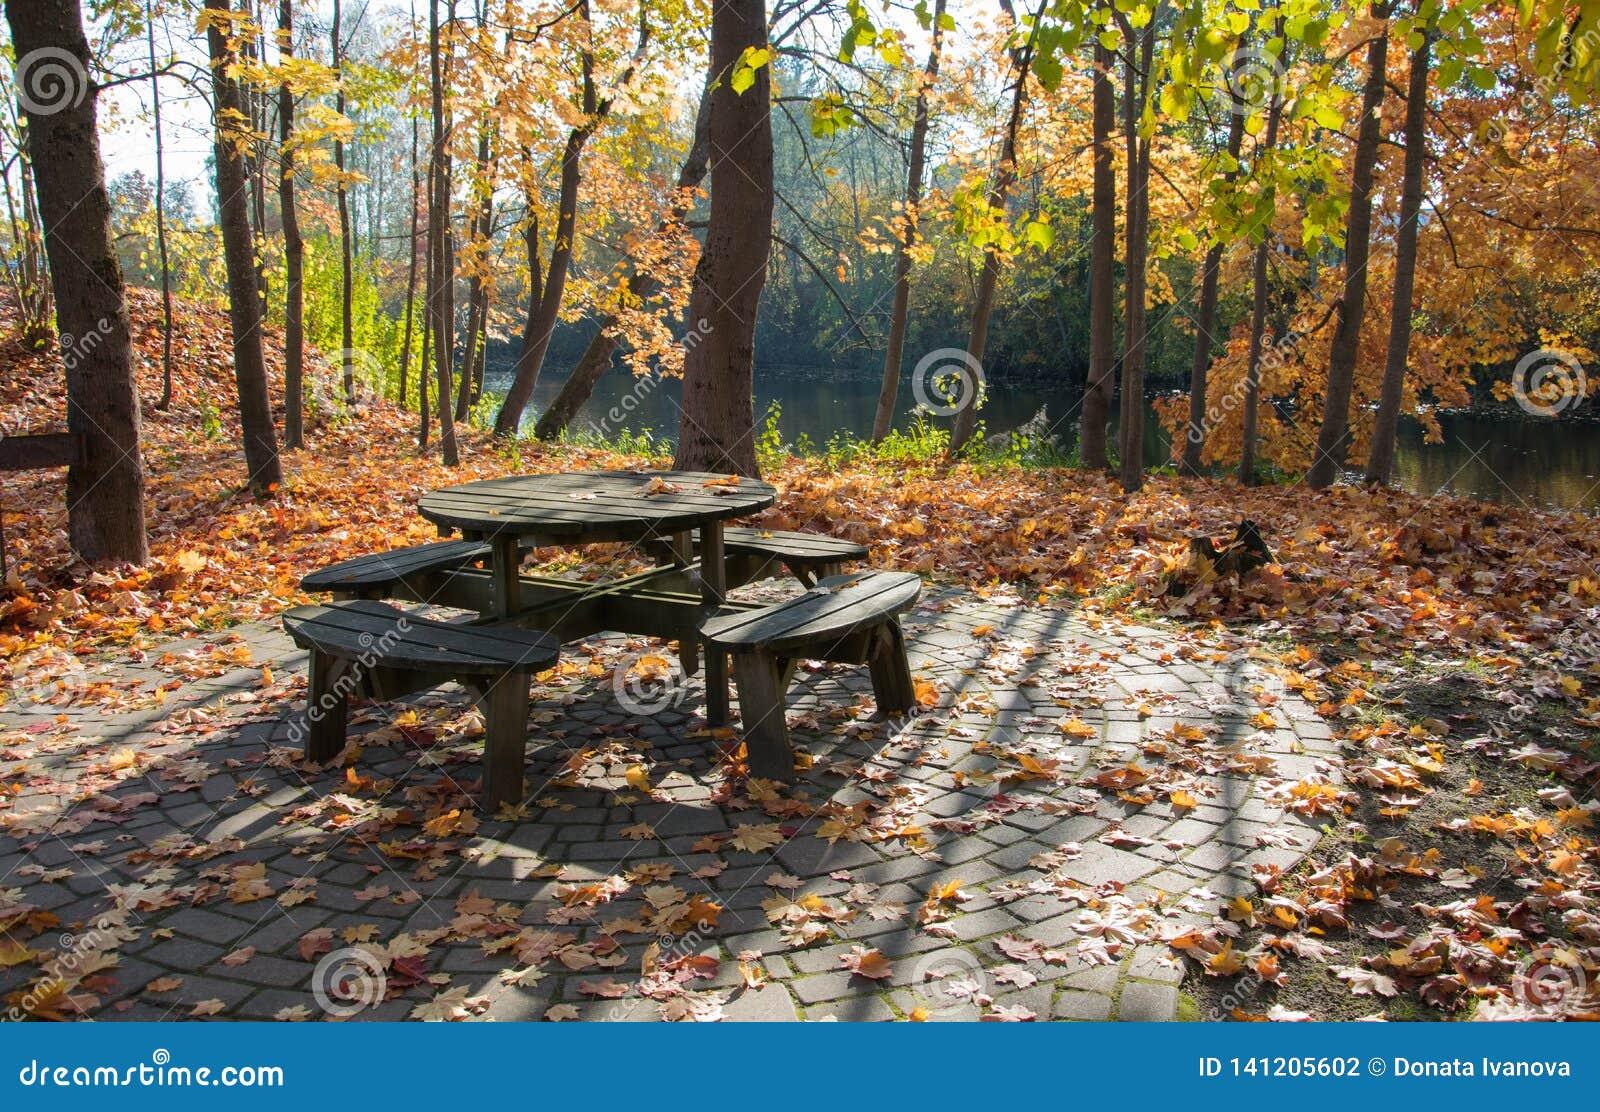 Ett hemtrevligt hörn för att koppla av i hösten parkerar på en ljus solig dag Guld- höst